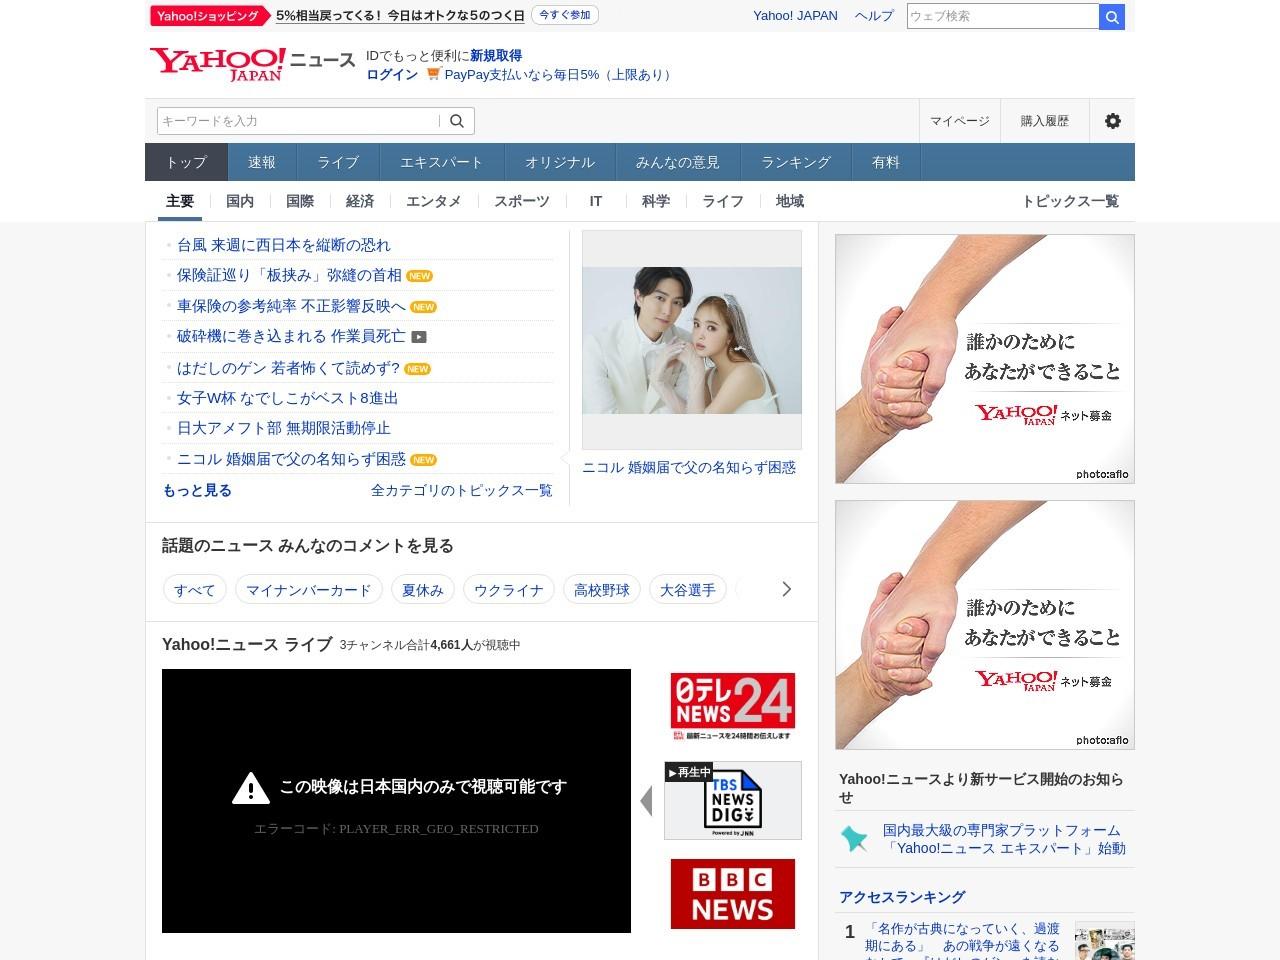 米CIAが支援のデータ企業「Palantir」が英国で業務急拡大の理由(Forbes JAPAN) - Yahoo!ニュース